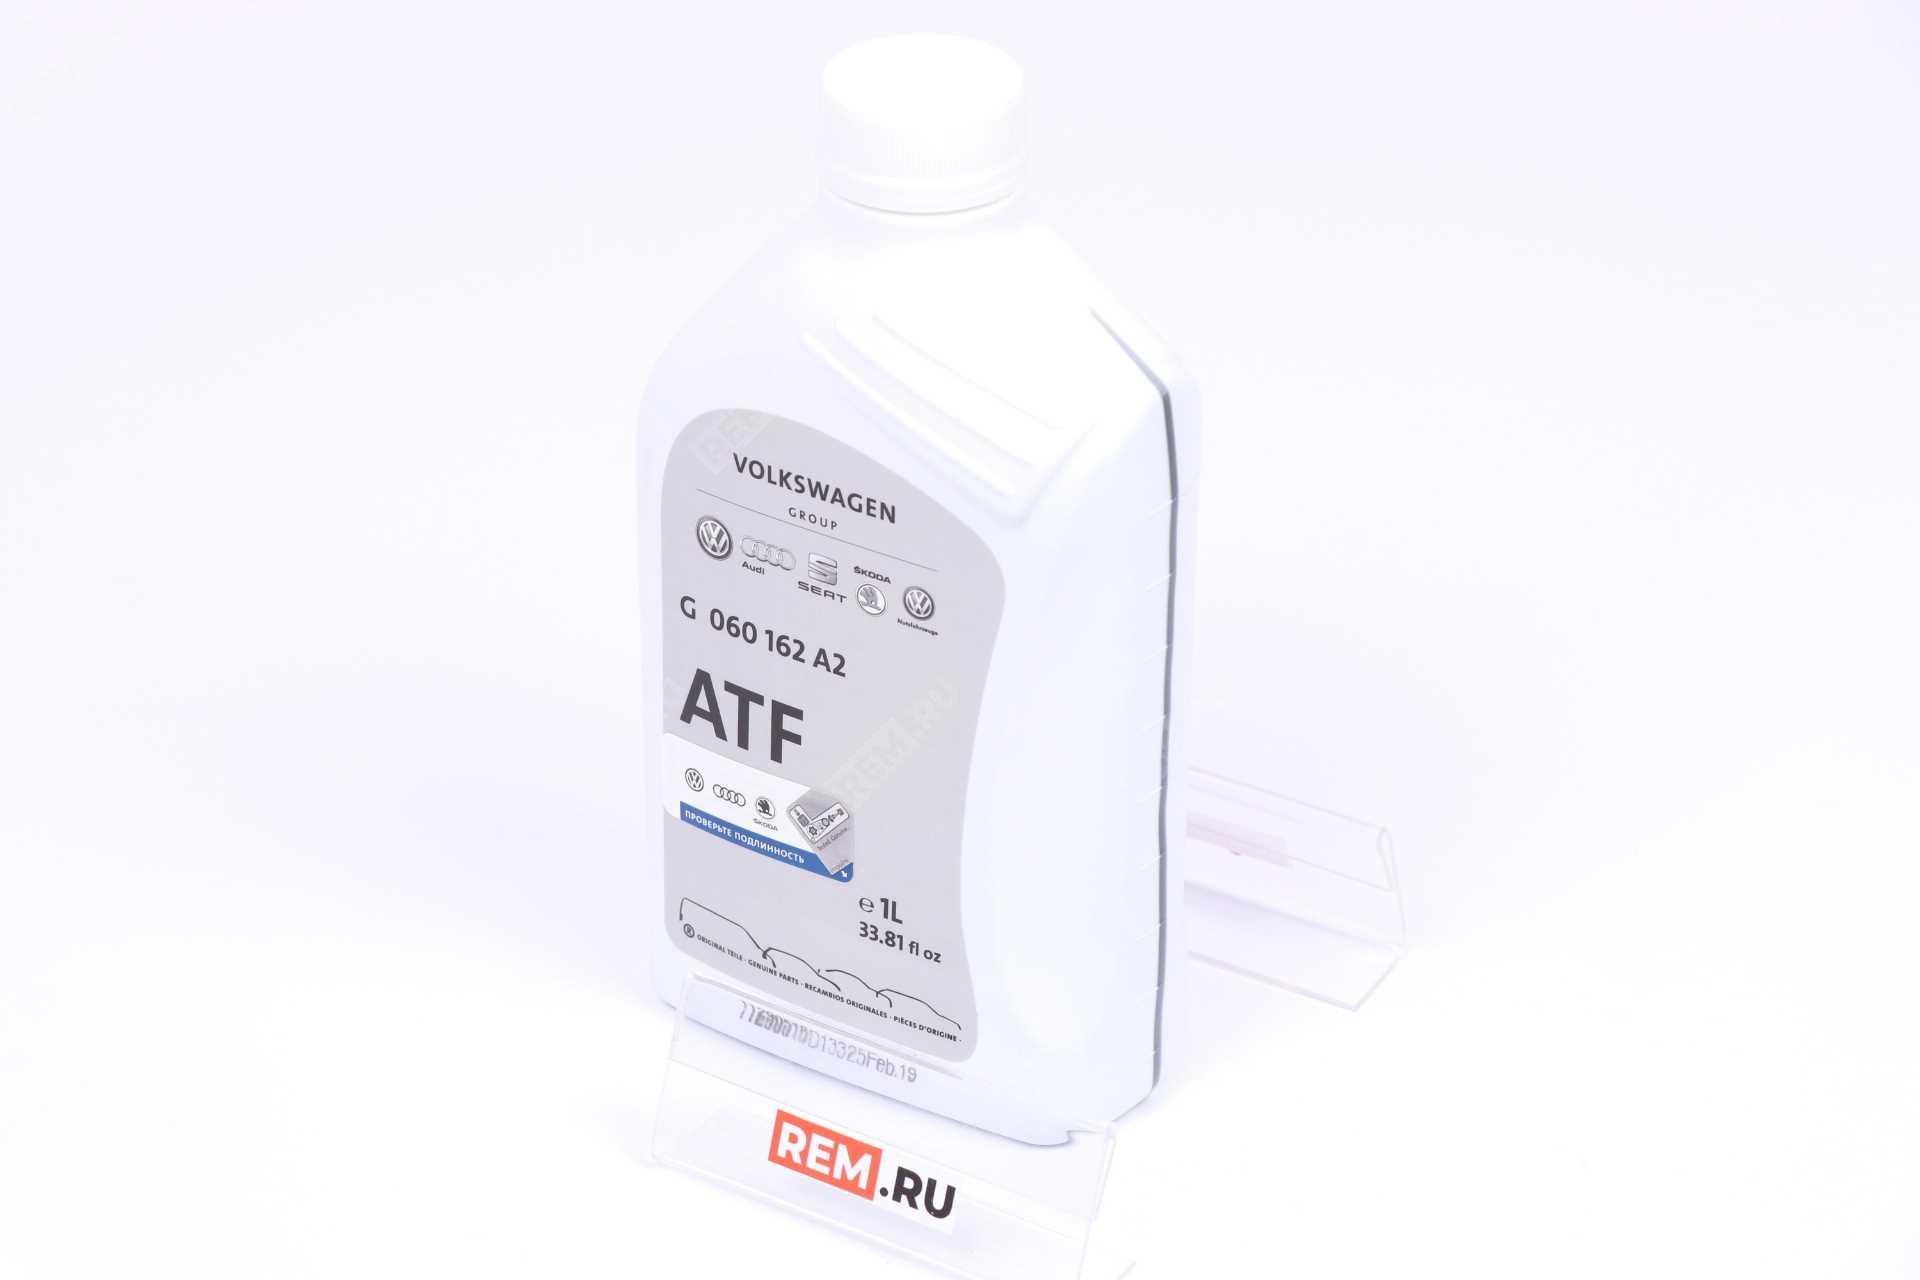 Масло трансмиссионное VAG ATF, 1Л G060162A2